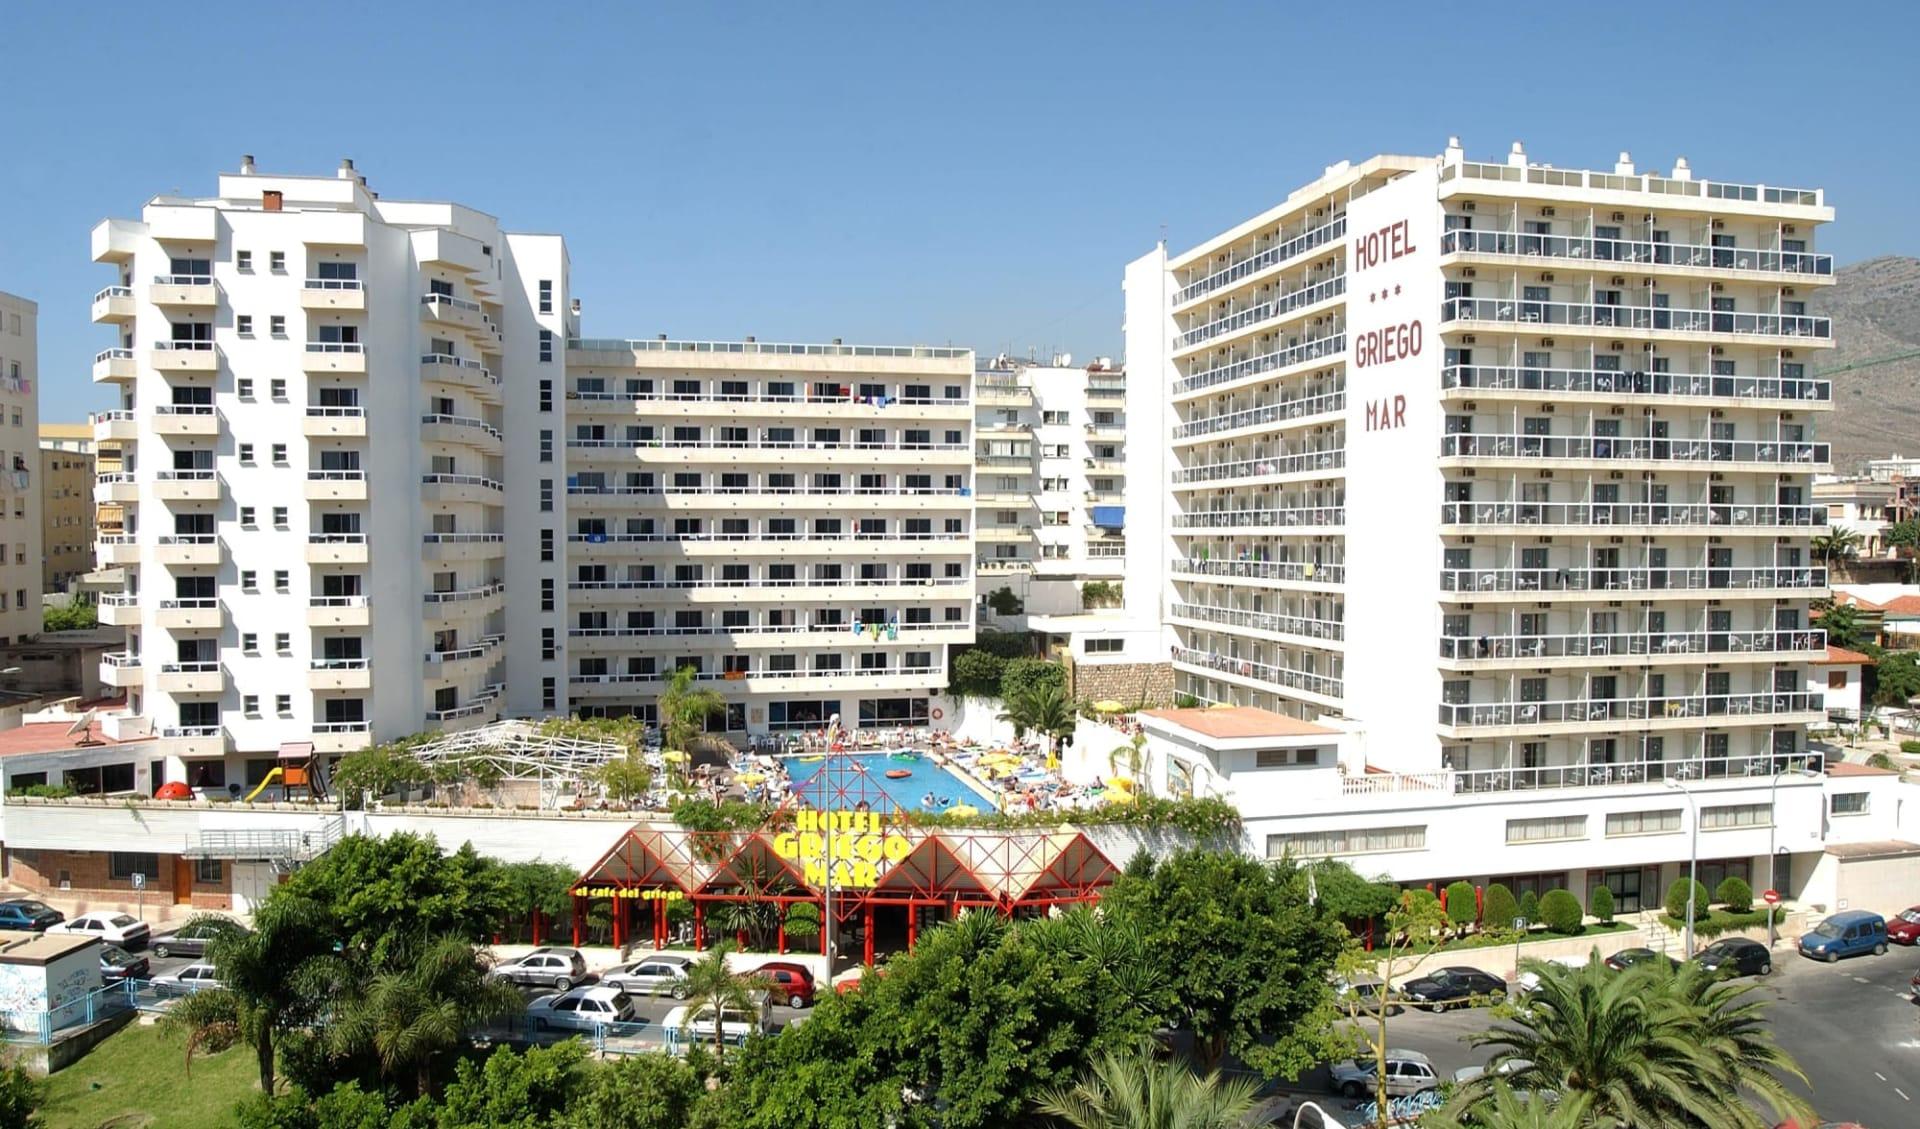 Torremolinos - Marconfort Griego Hotel ab Marbella: Spanien - Malaga - Griego - Aussenansicht